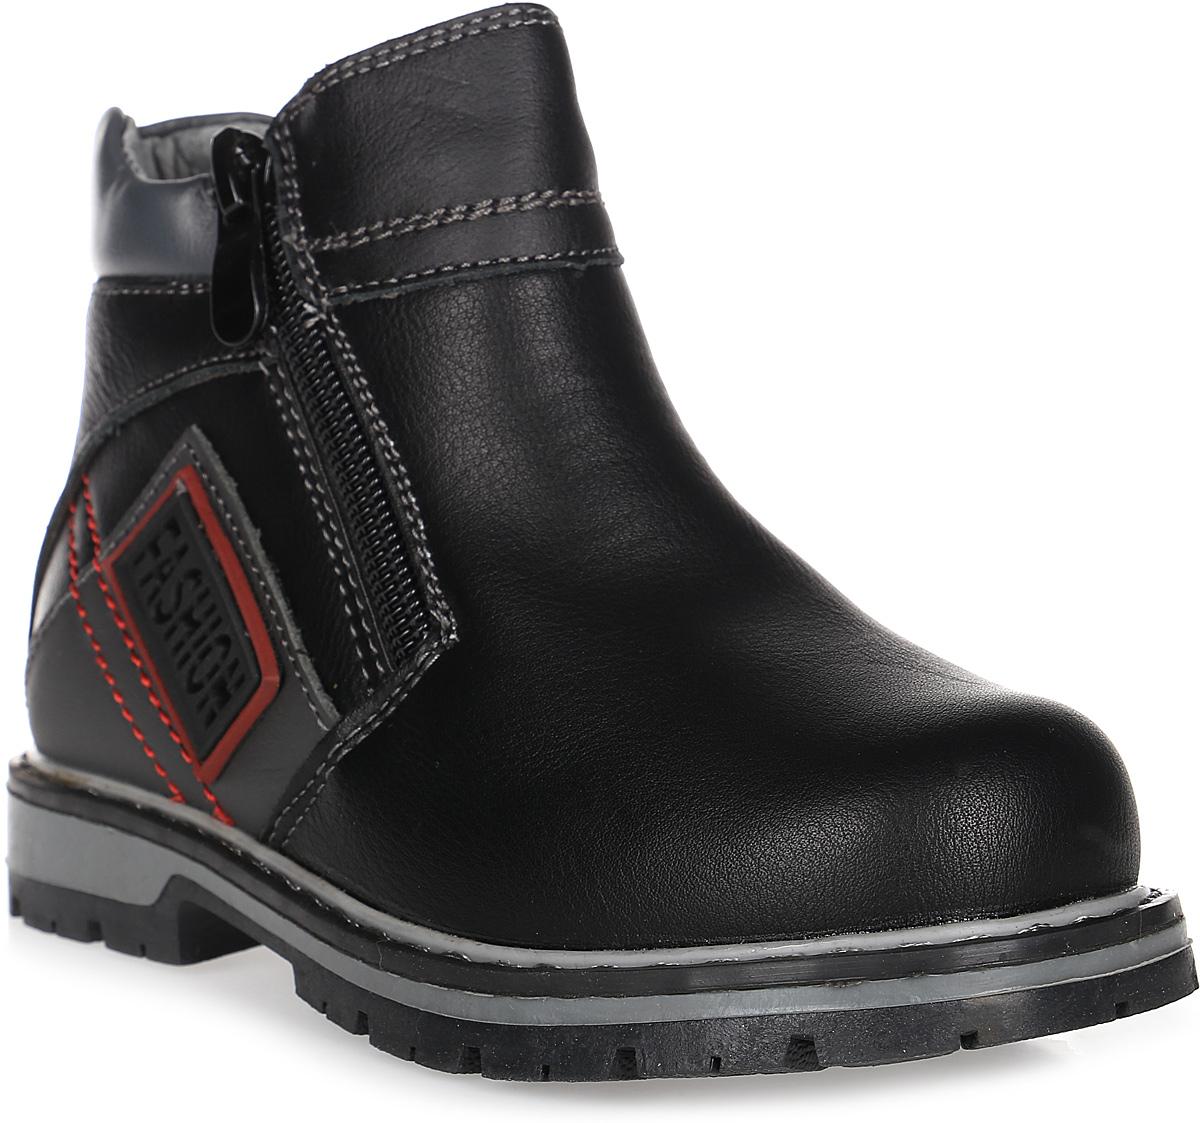 Ботинки для мальчика Счастливый ребенок, цвет: черный, красный. E7120-1. Размер 28E7120-1Ботинки для мальчика Счастливый ребенок выполнены из искусственной кожи. Подошва изготовлена из легкого, гибкого и прочного термопластичного материала. Она обеспечивает отличную амортизацию и смягчает удары от соприкосновения обуви с поверхностью, а протектор подошвы создает надежное сцепление с землей или асфальтом. Внутренняя поверхность и стелька изготовлены из текстиля. Модель застегивается на молнию с двух сторон.